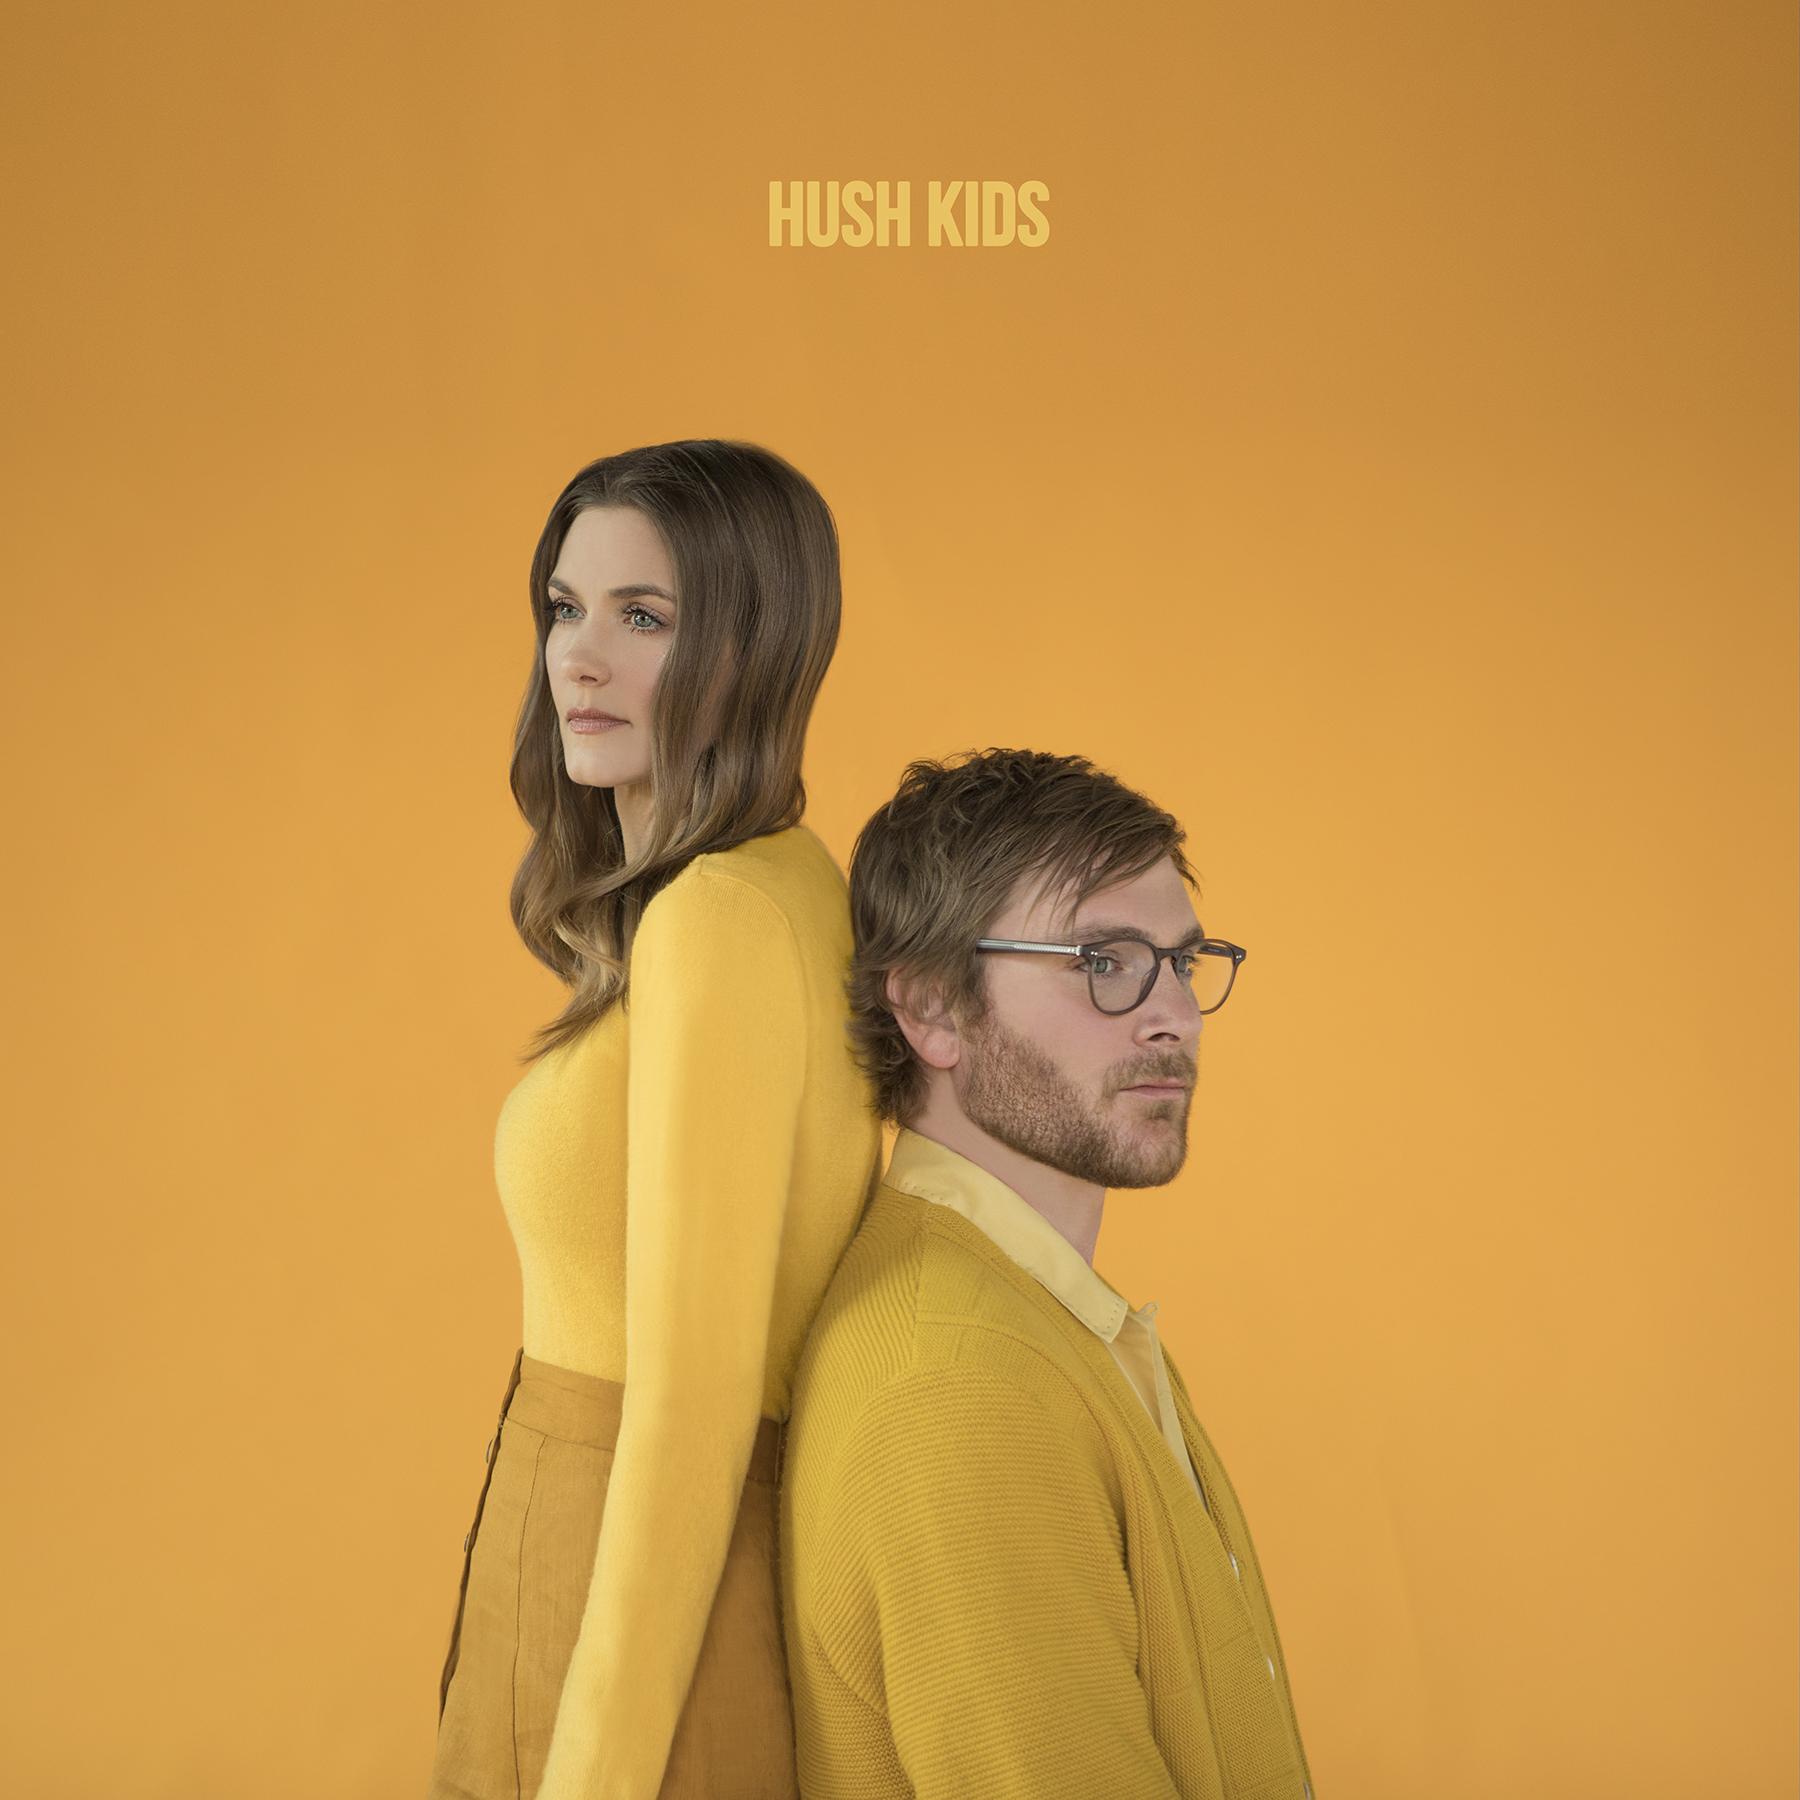 hush kids digital cover.jpg